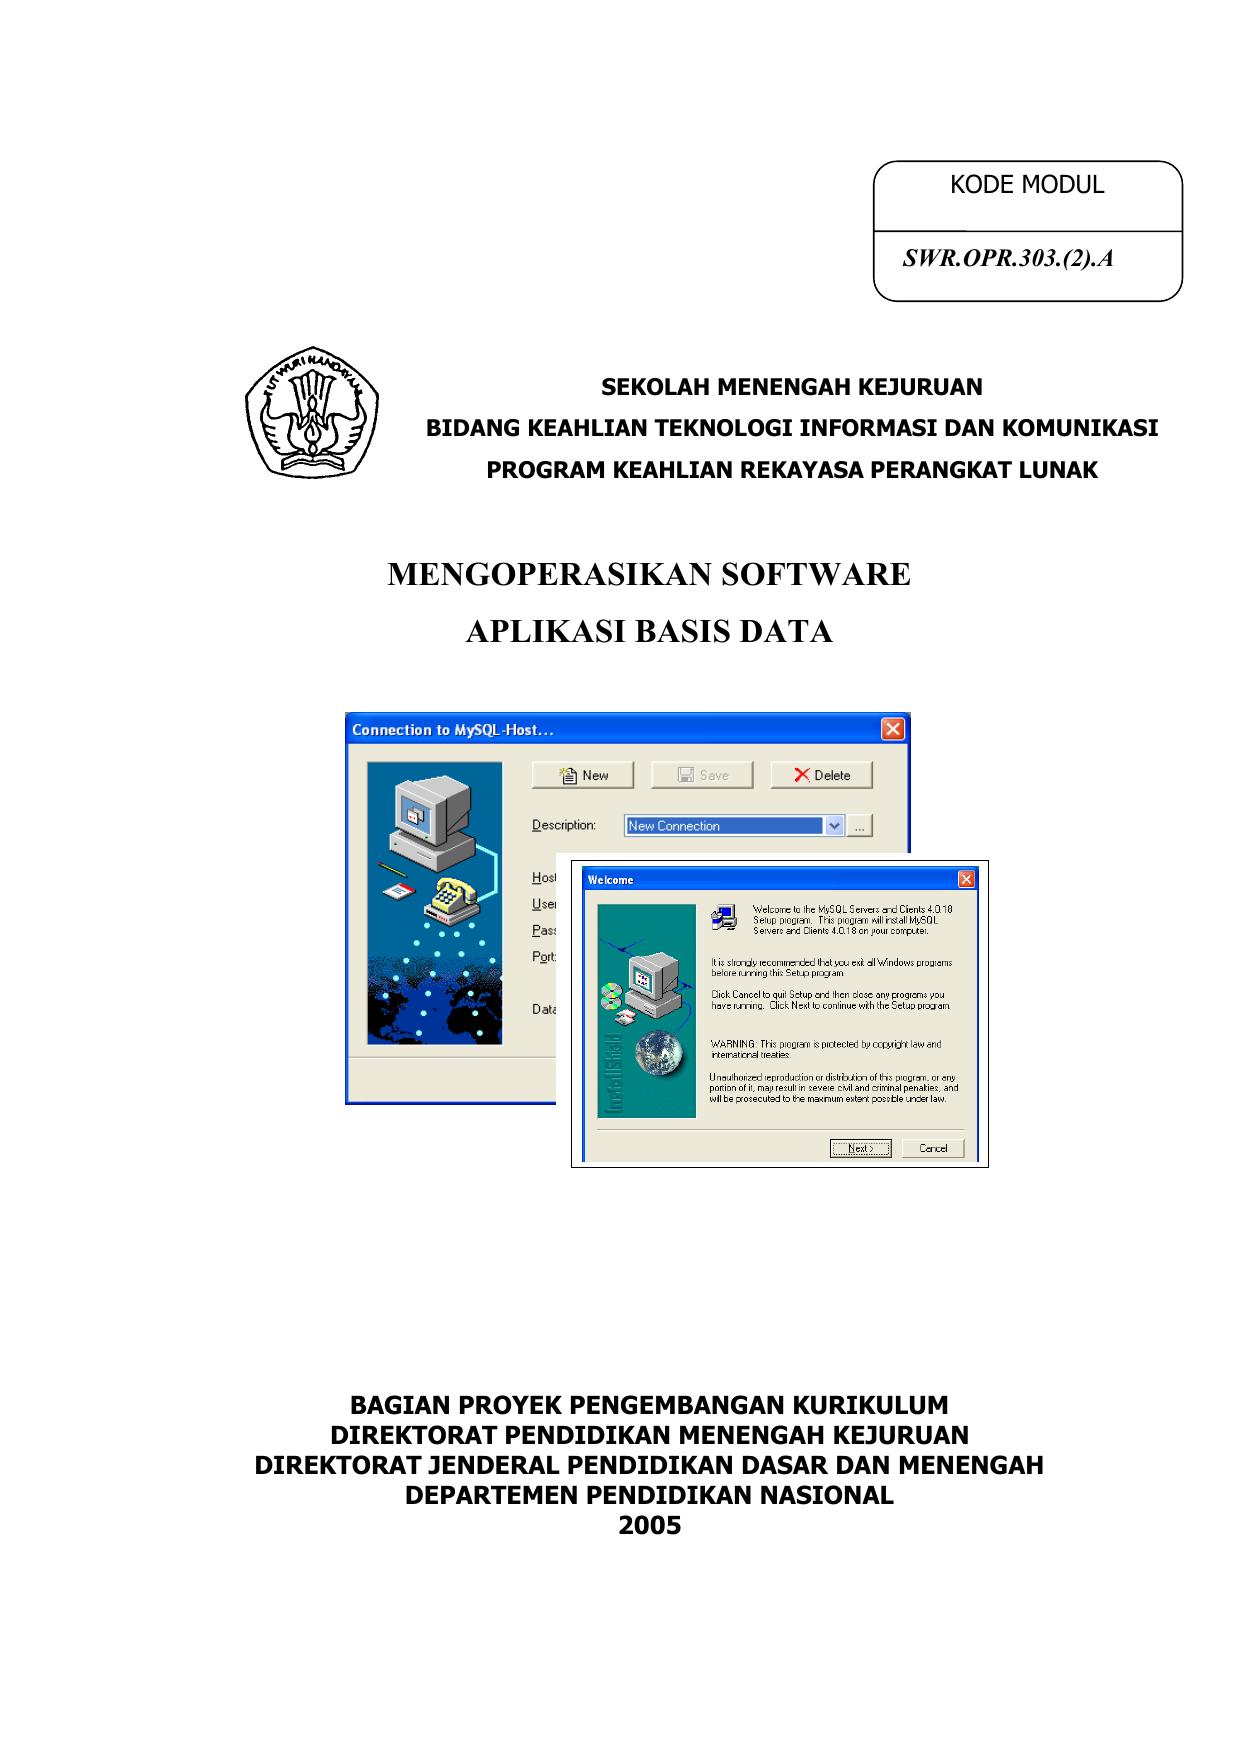 Mengoperasikan Aplikasi Software Basis Data